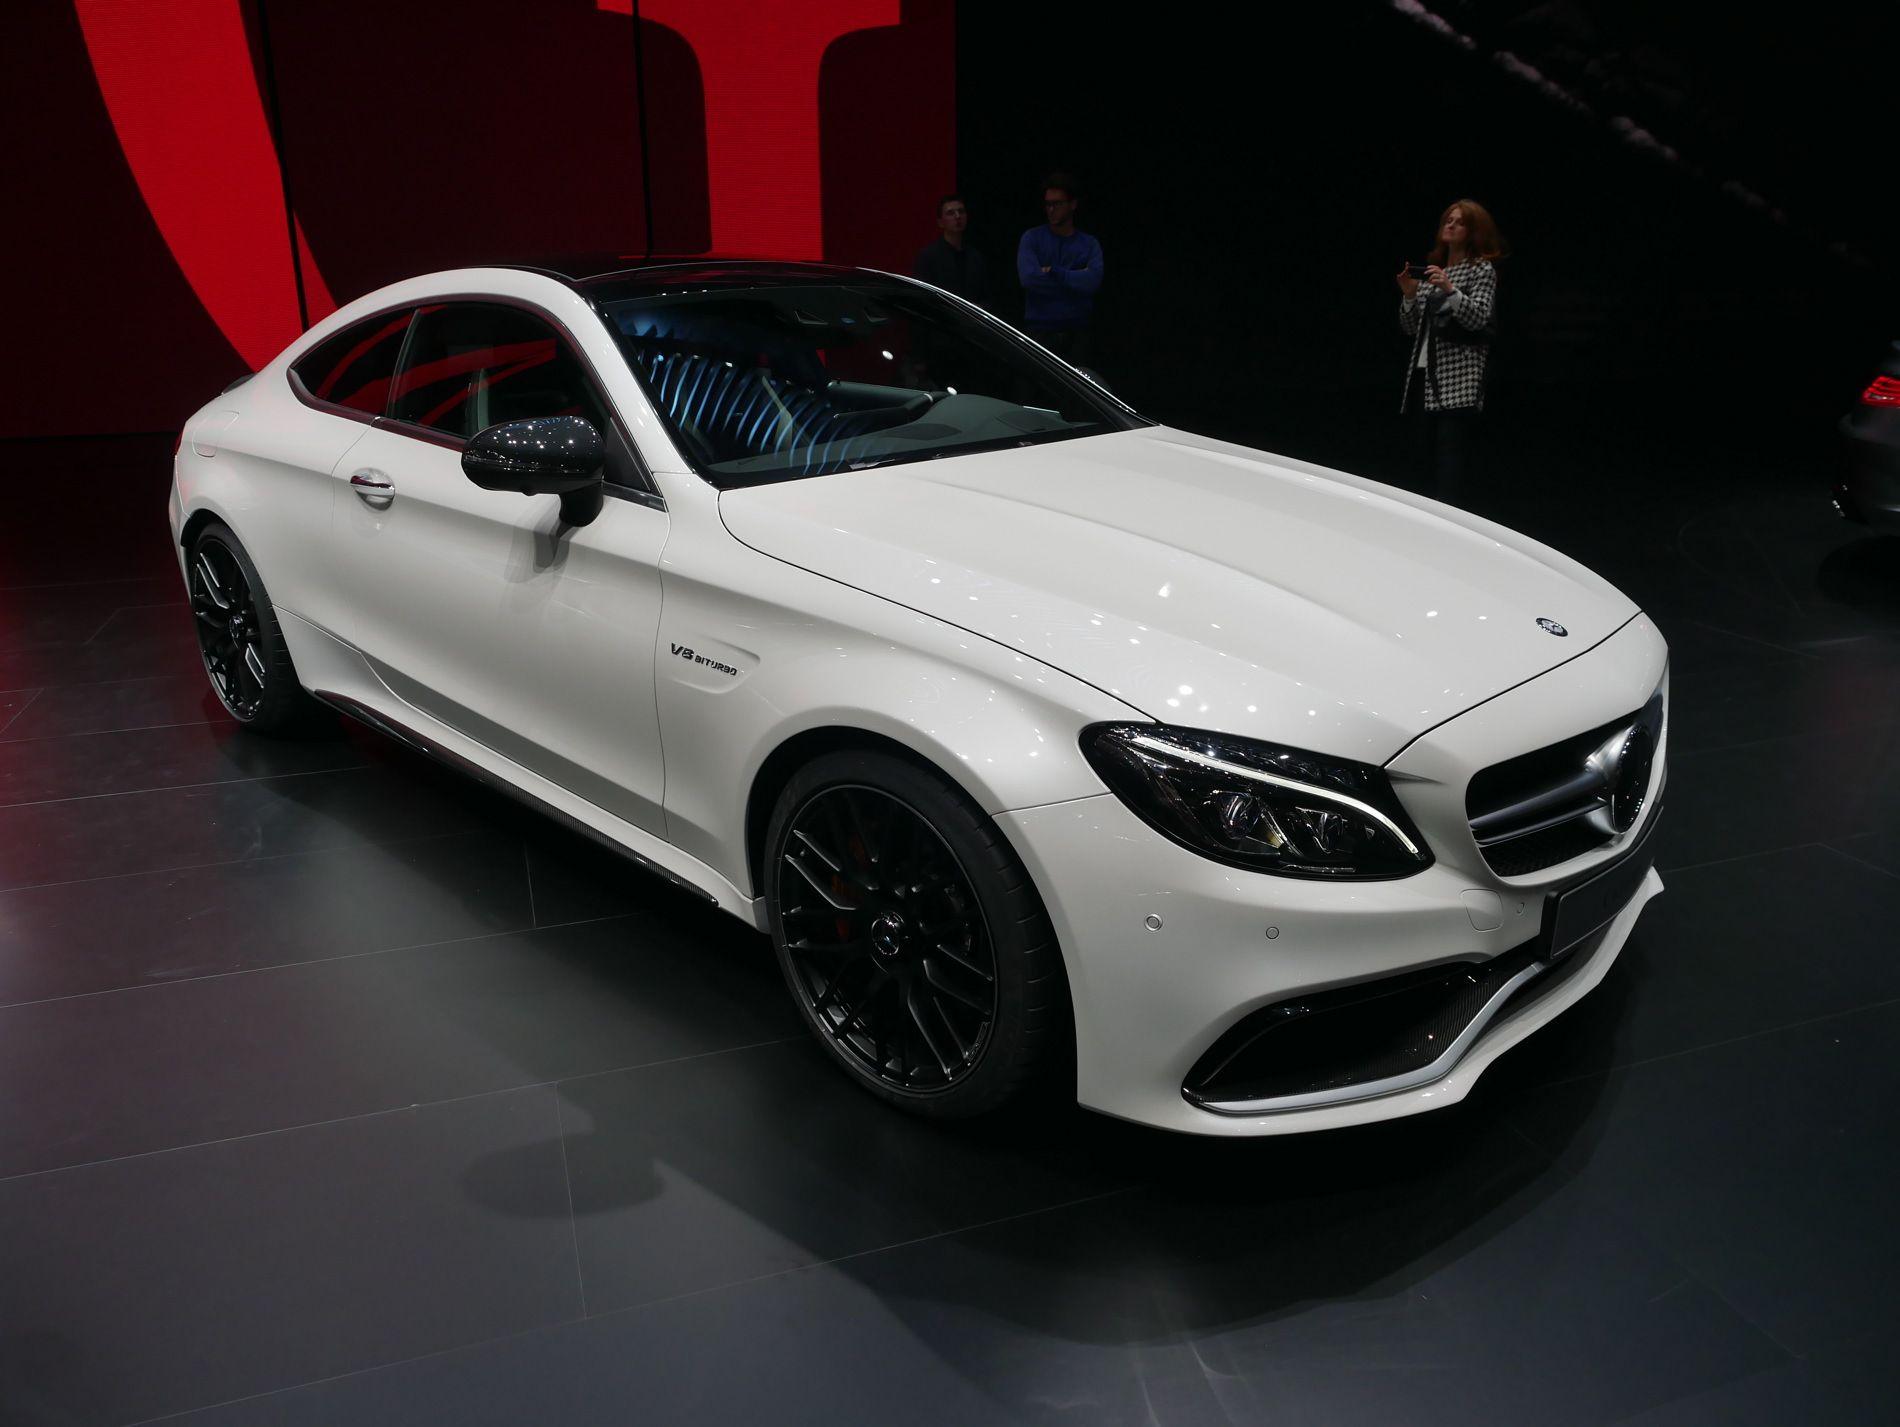 2016 Mercedes Benz C Cl Coupe 2017 Frankfurt Auto Show Http